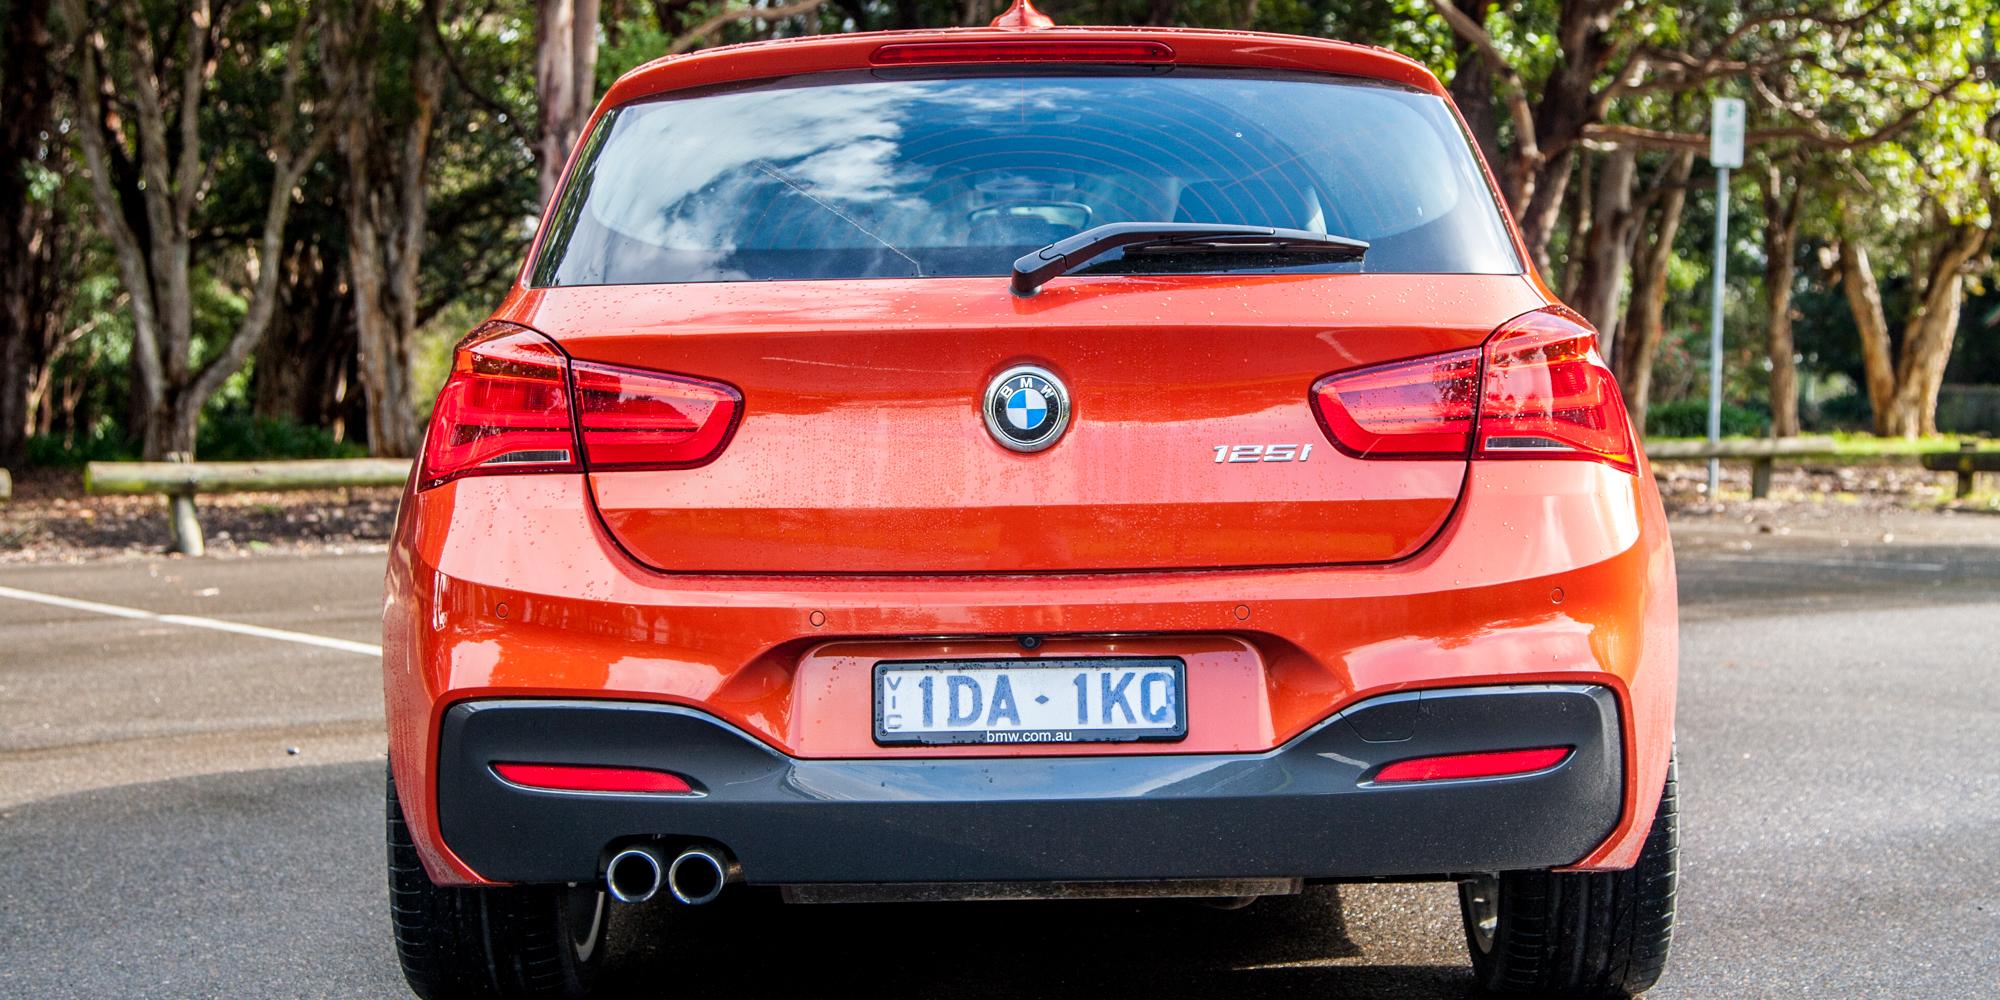 2015 BMW 125i Rear End